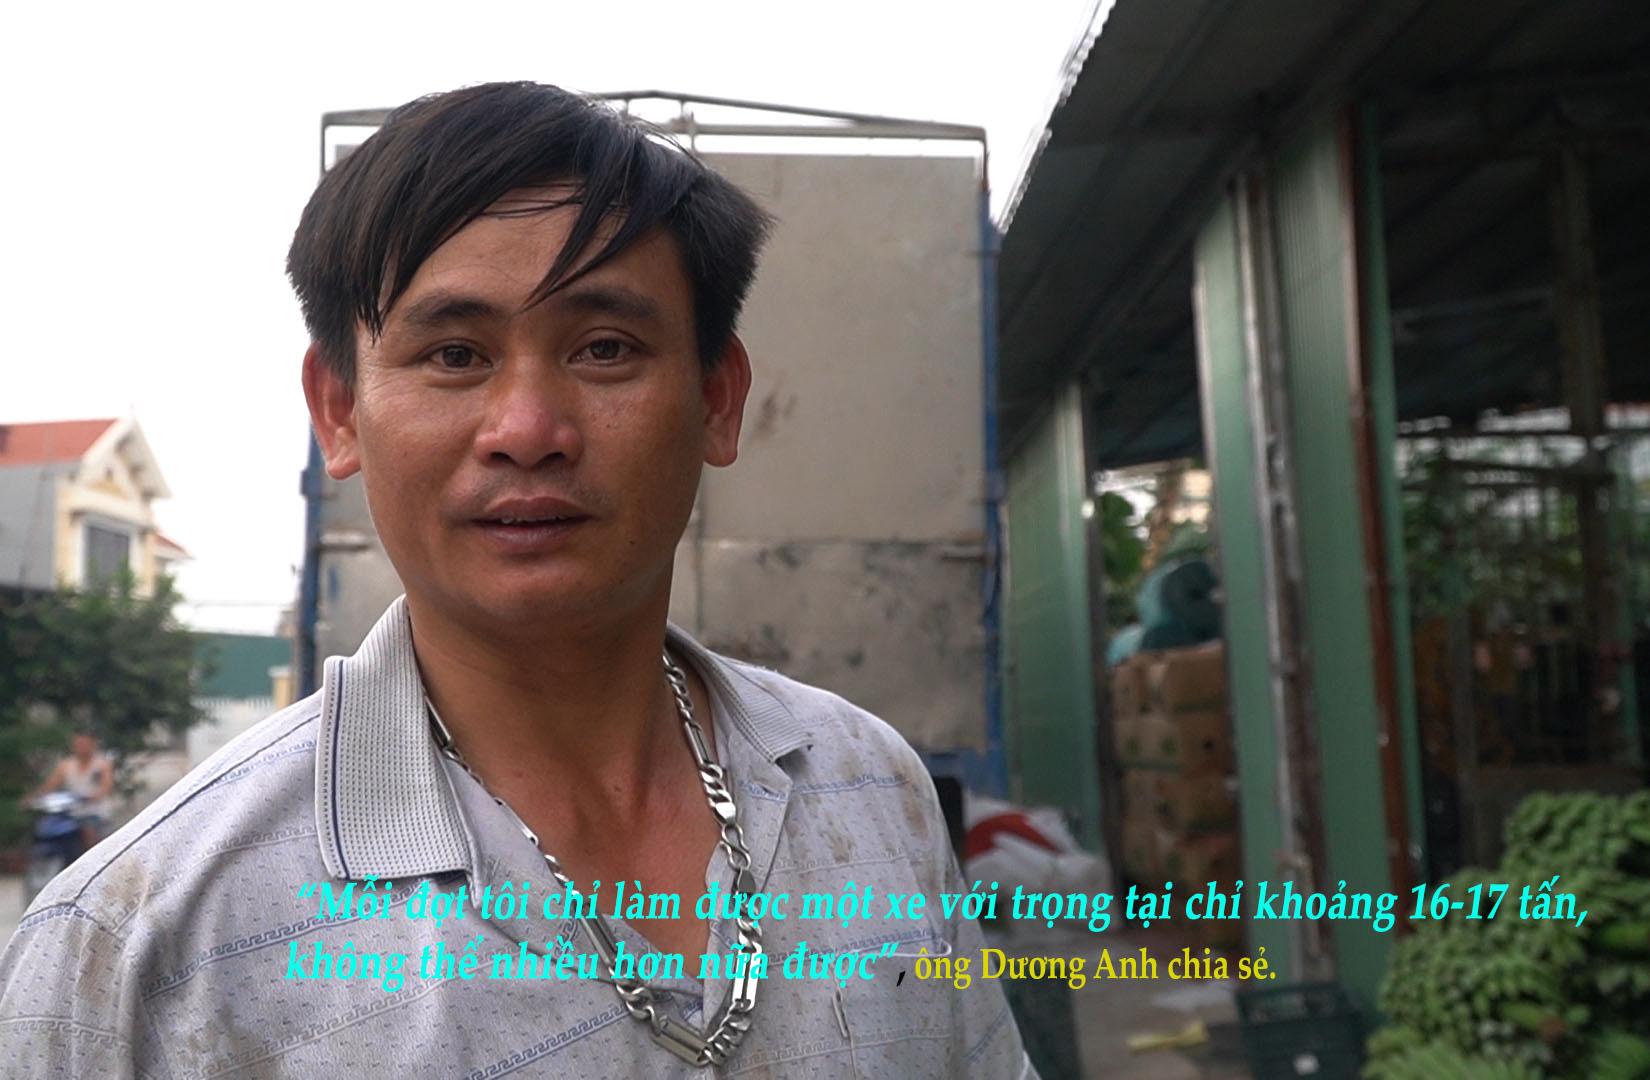 """Hứng chịu """"thảm họa kép"""", người trồng chuối Hưng Yên đau quặn lòng: """"Thương lắm, chuối ơi!"""" - Ảnh 9."""